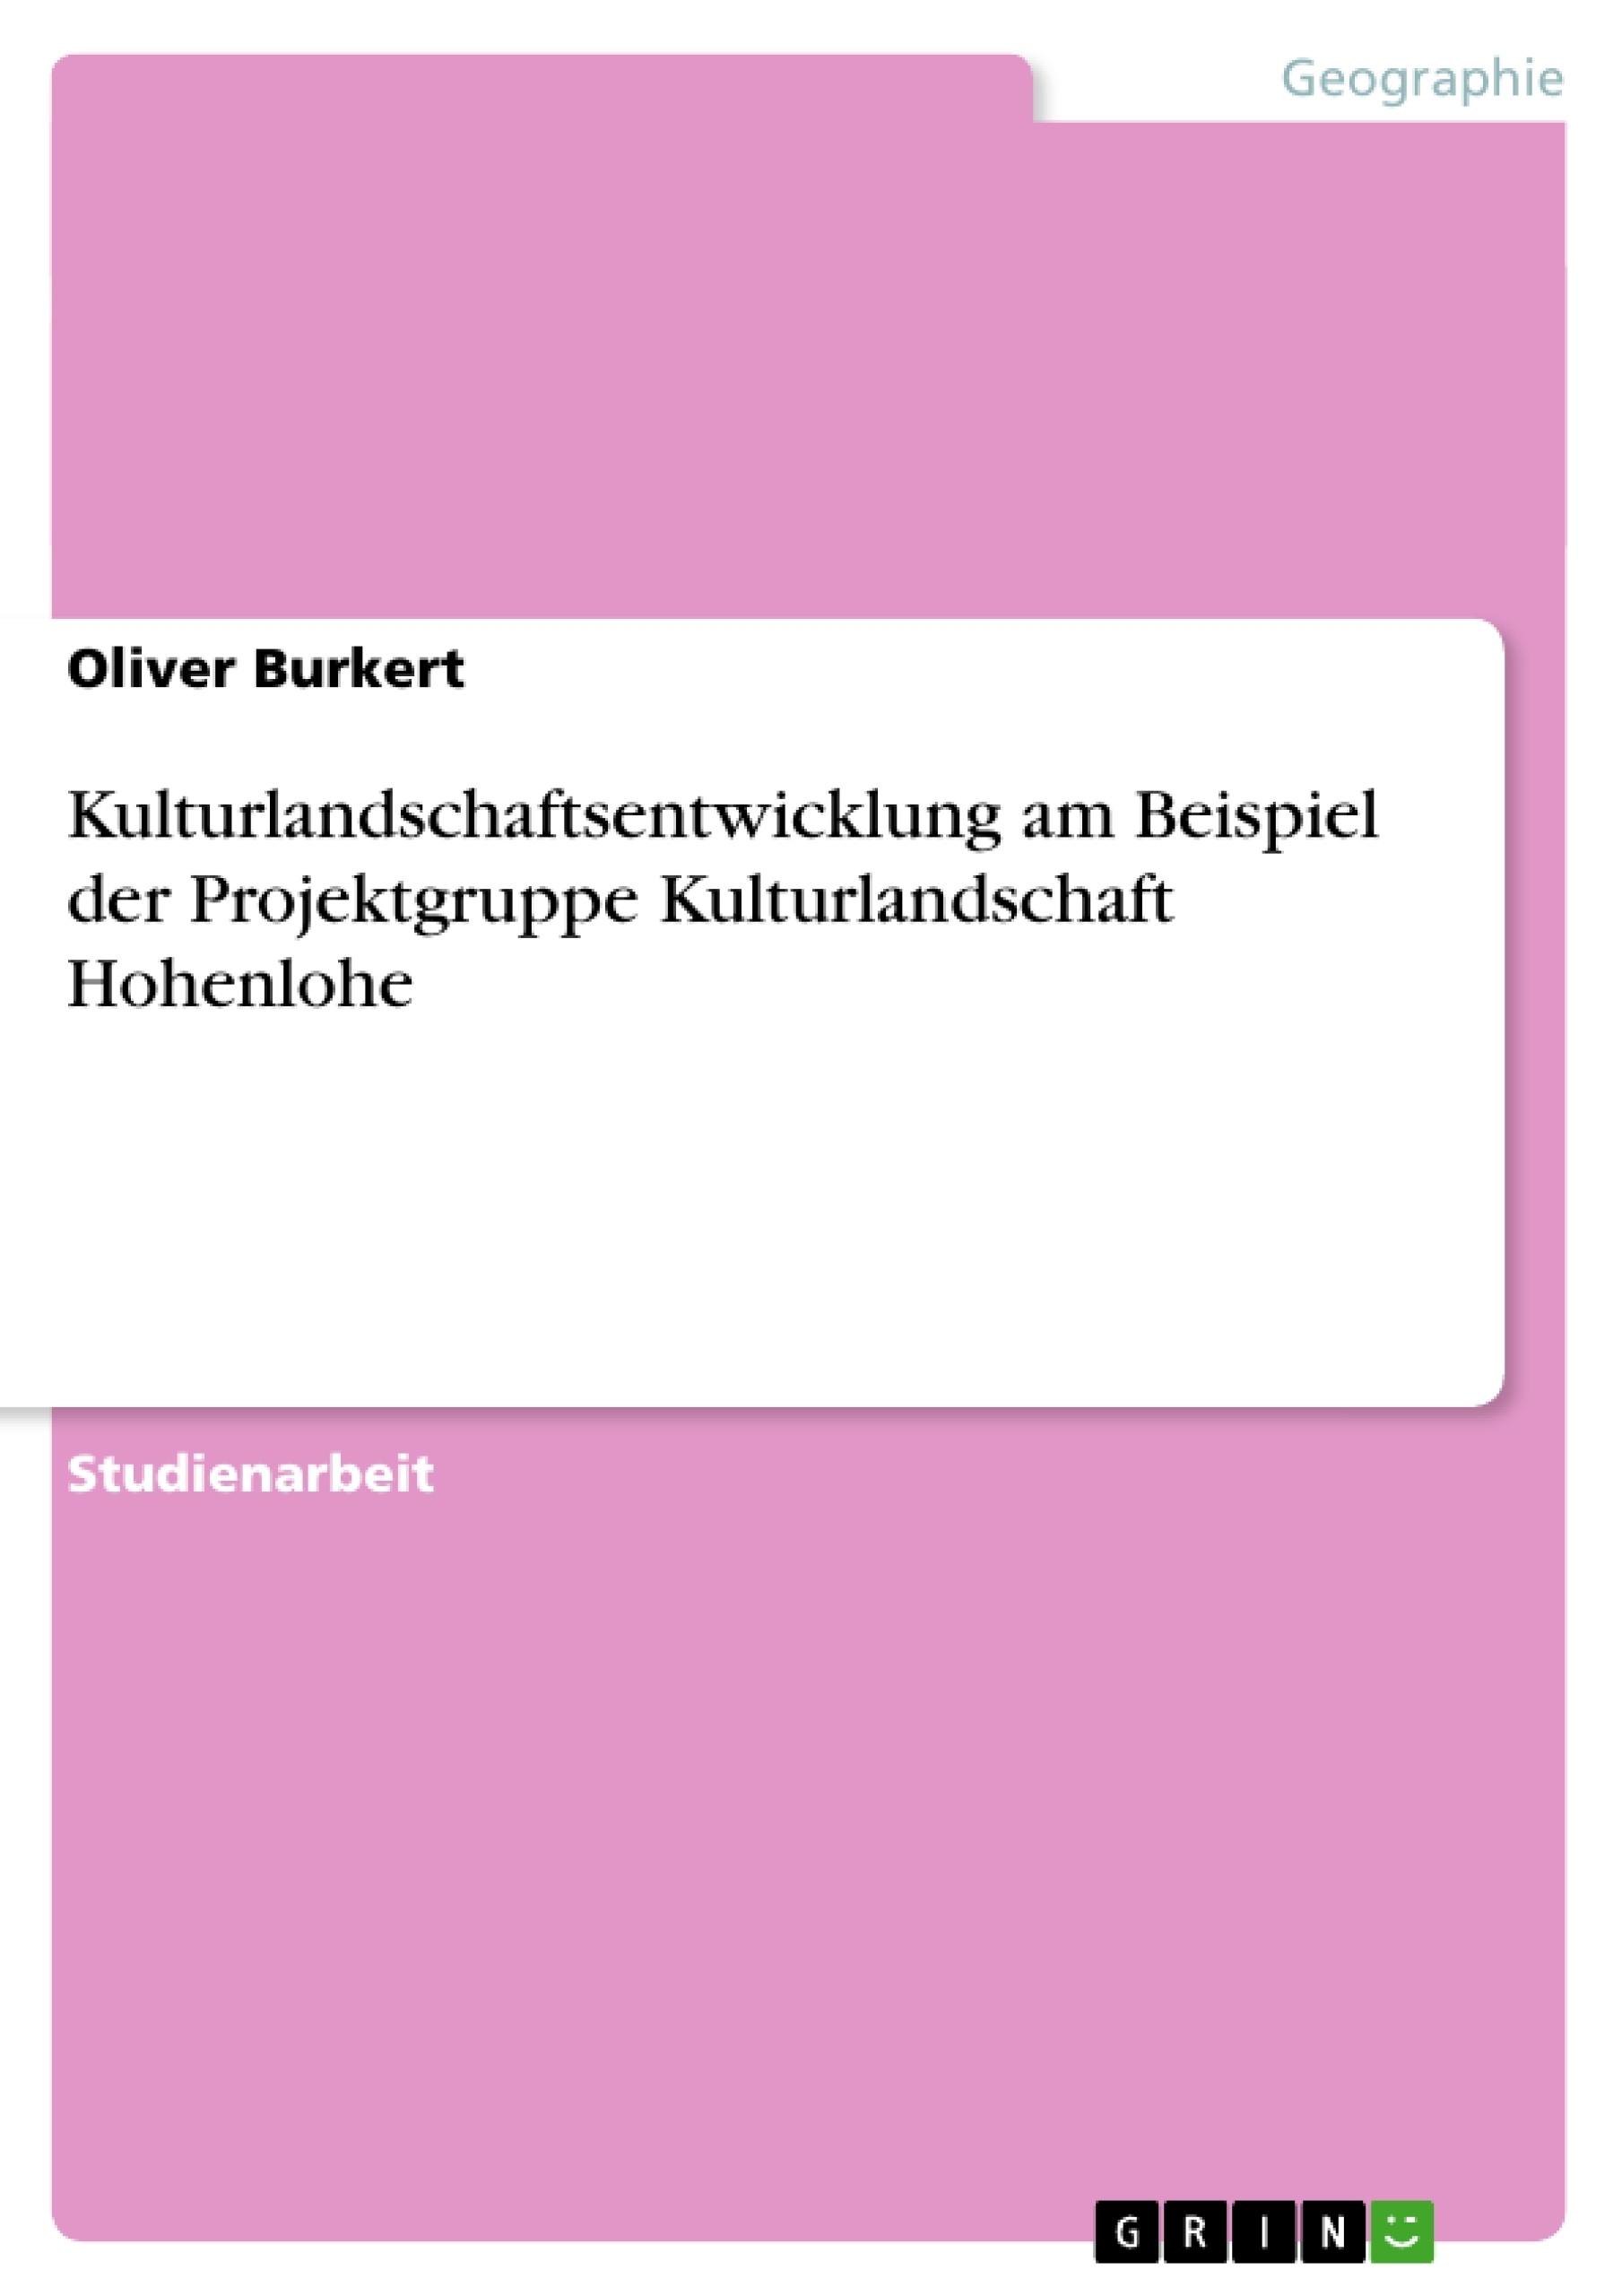 Titel: Kulturlandschaftsentwicklung am Beispiel der Projektgruppe Kulturlandschaft Hohenlohe